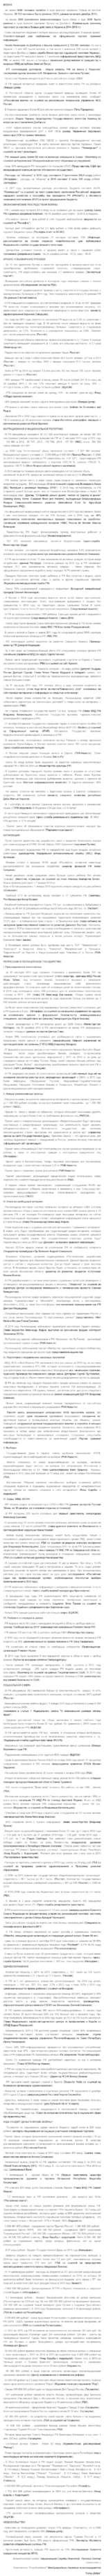 ВОЙНА не менее 9098 человек погибли в ходе военной кампании Путина на востоке Украины. 20 732 человека были ранены (ООН, данные на начало декабрь 2015). -не менее 2000 российских военнослужащих были убиты и ещё 3000 были ранены в ходе военной кампании Путина на Донбассе (Компенсация военному пер